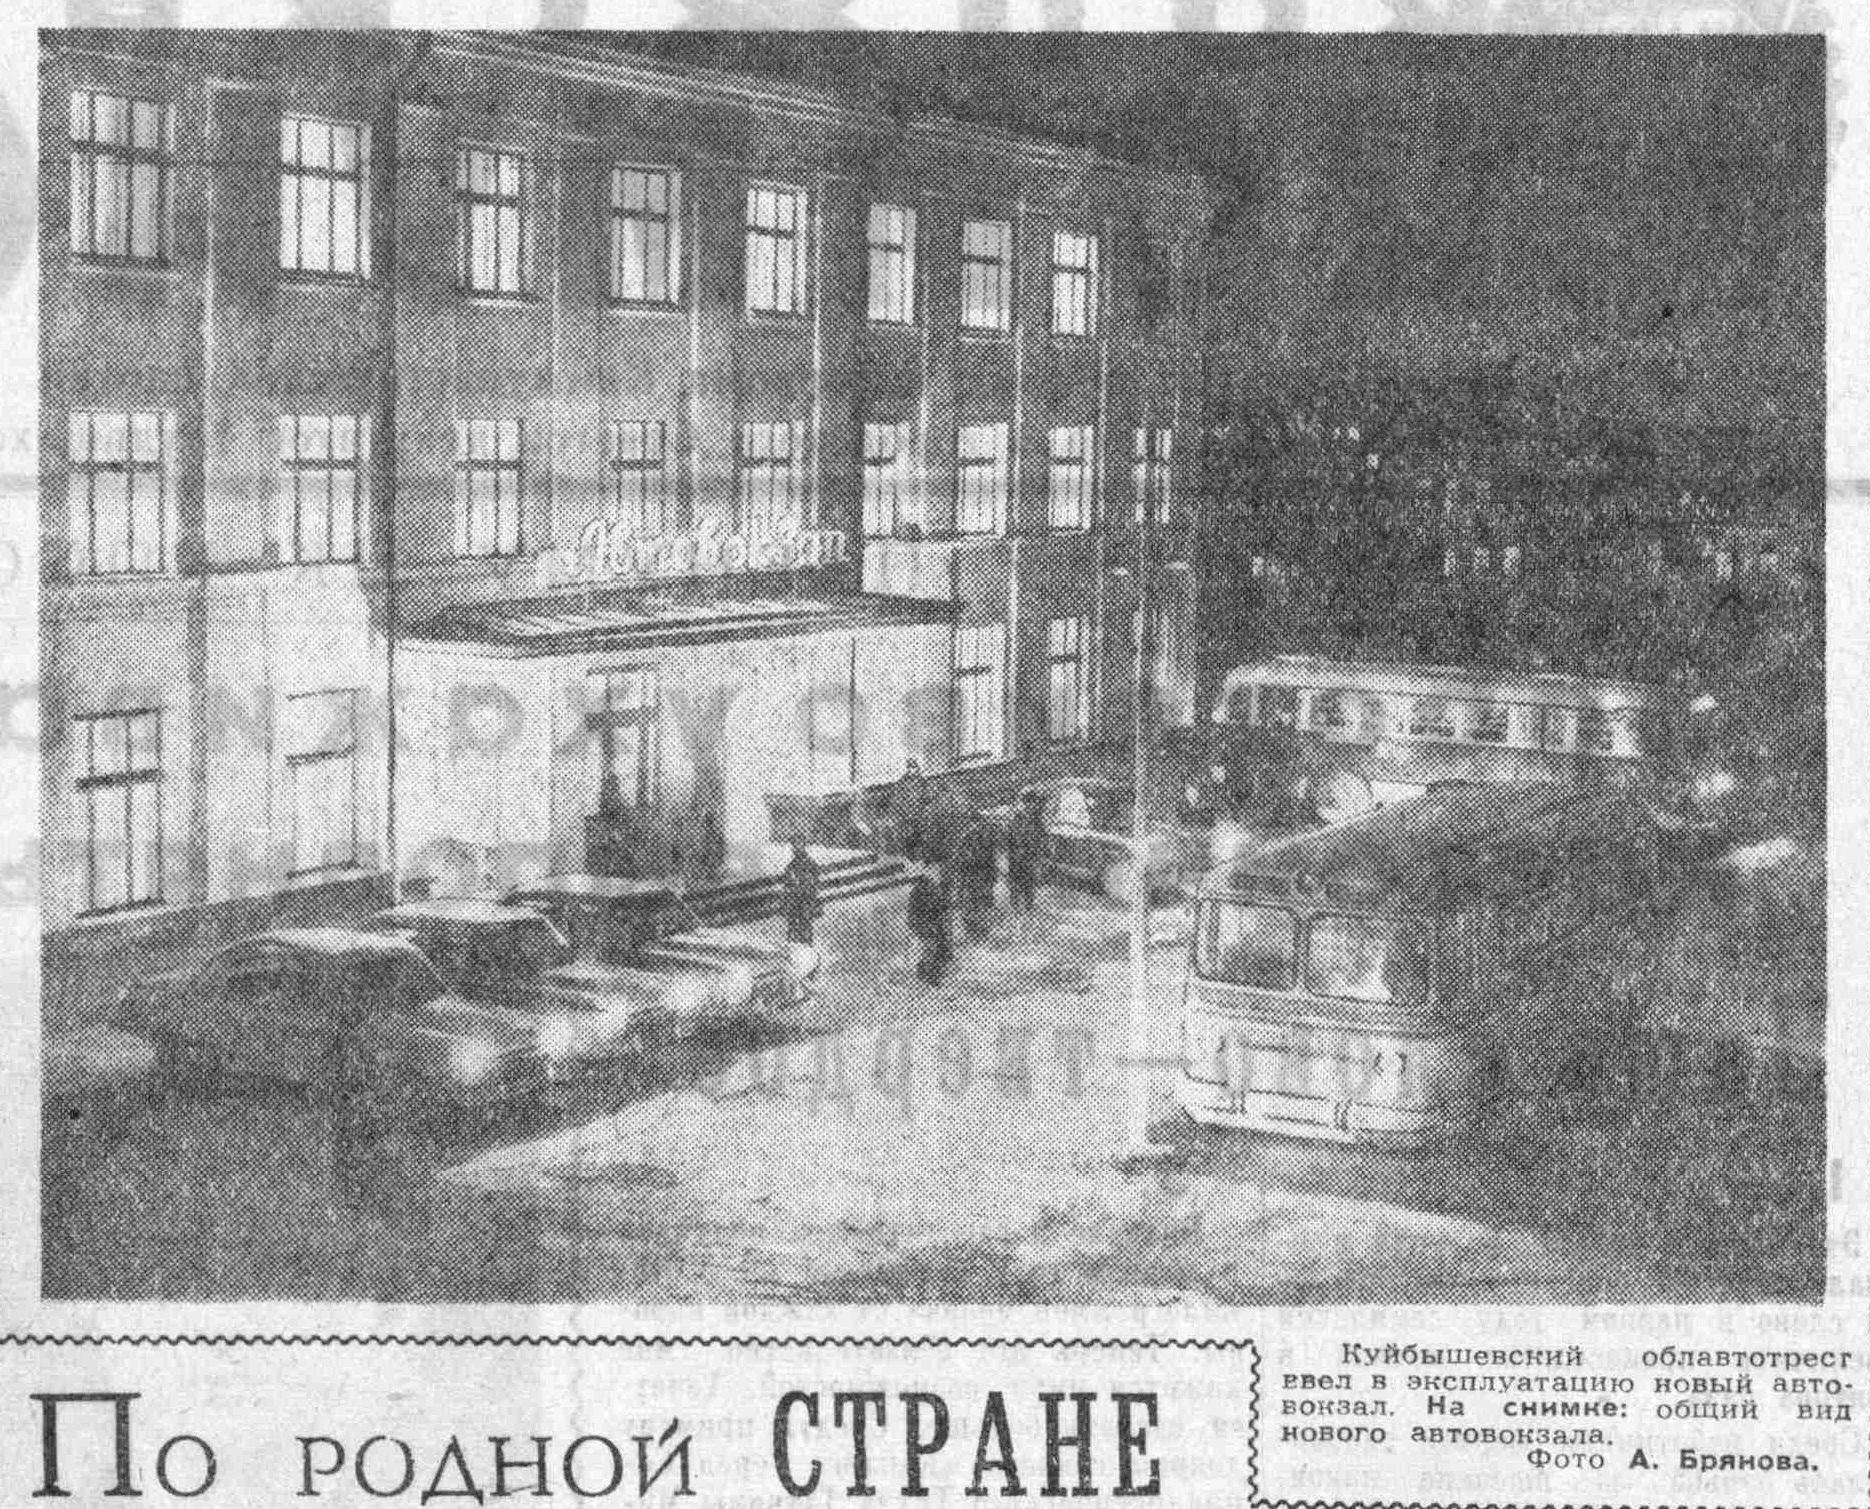 ПАВ-ФОТО-04-ВКа-1959-11-11-фото нового ПАВ